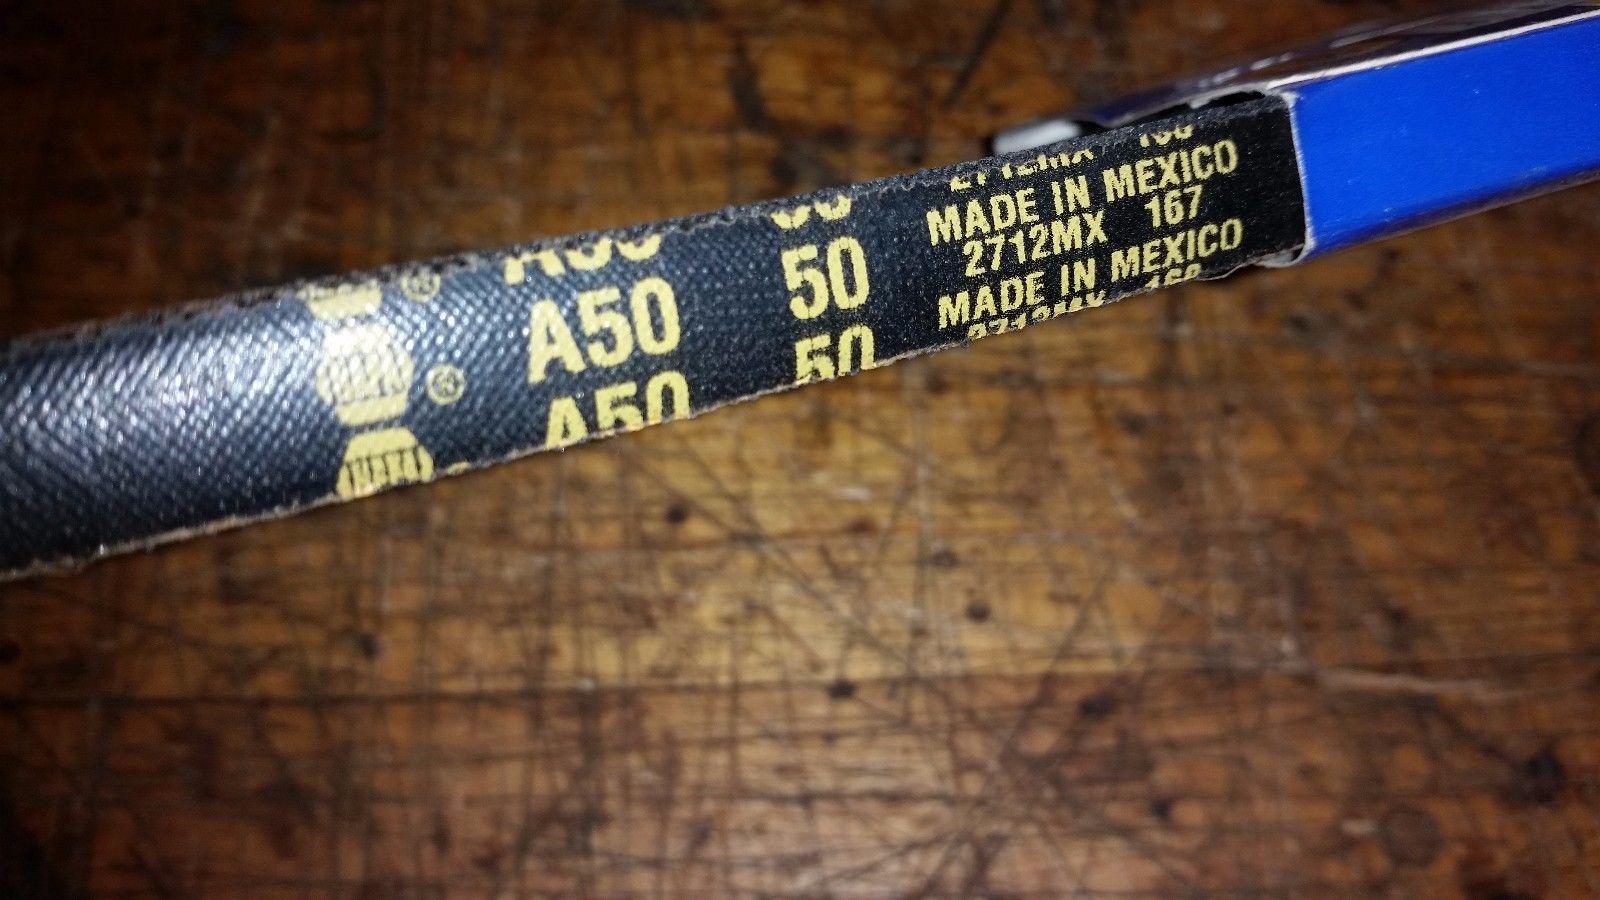 NAPA AUTOMOTIVE A50 Replacement Belt a50 50 2712mx 167